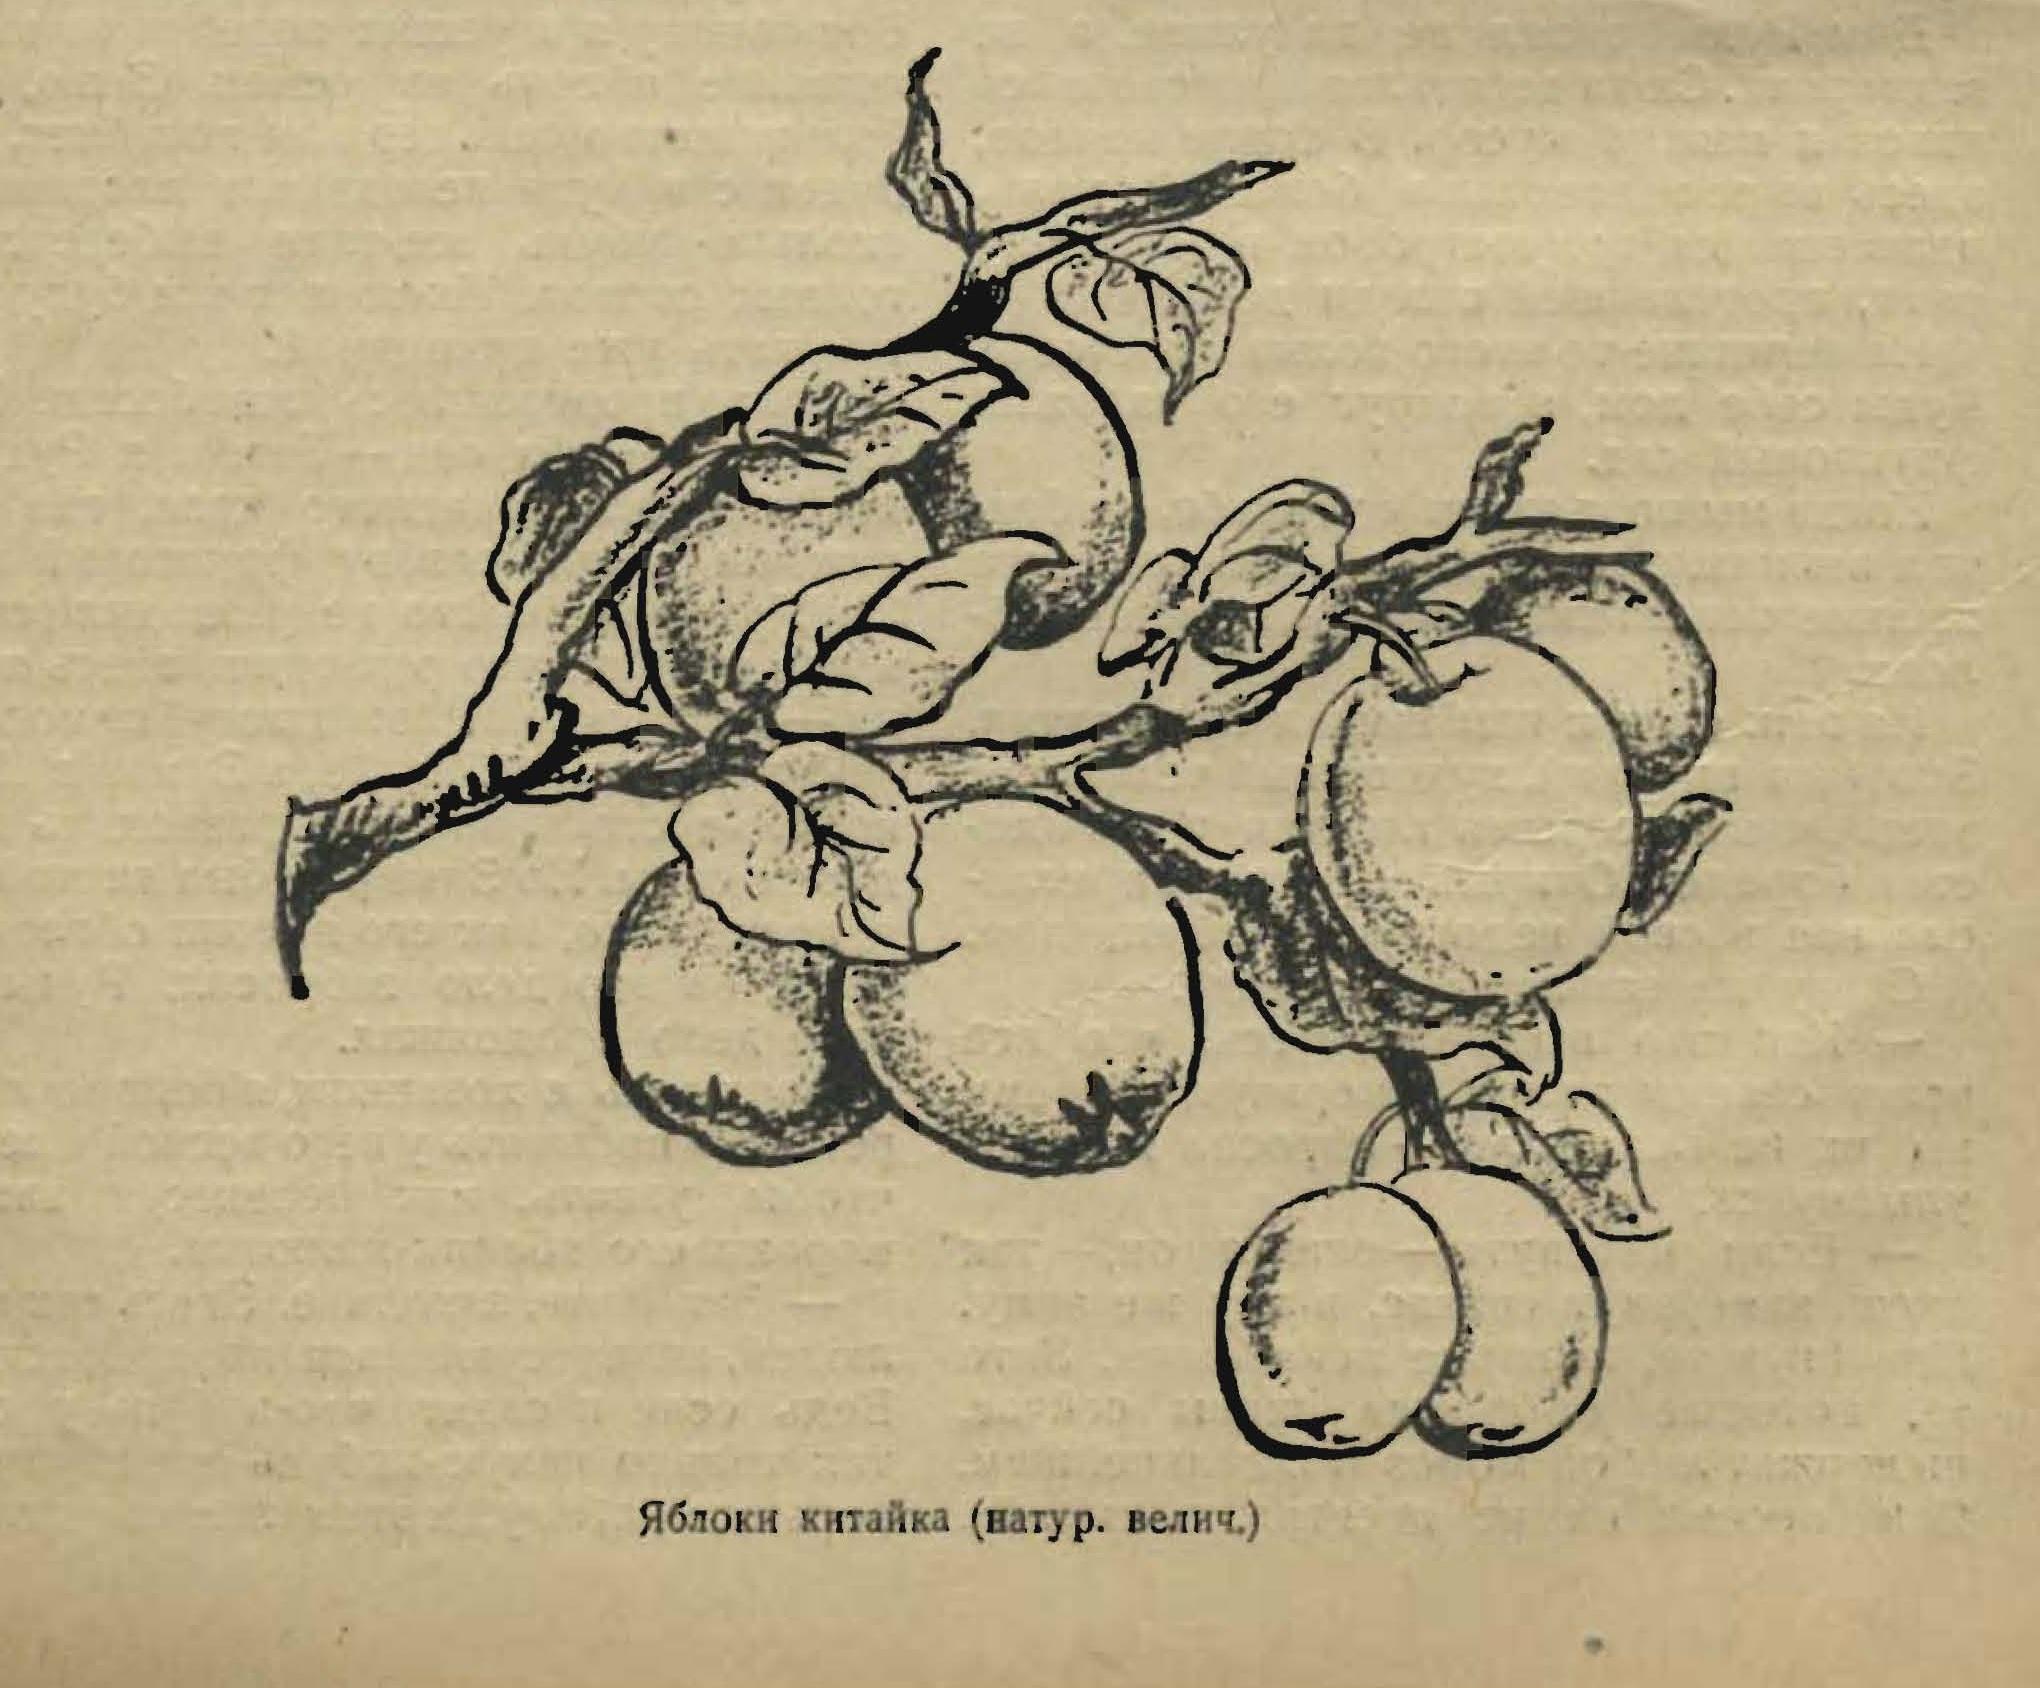 3 путь яблочного следопыта 4